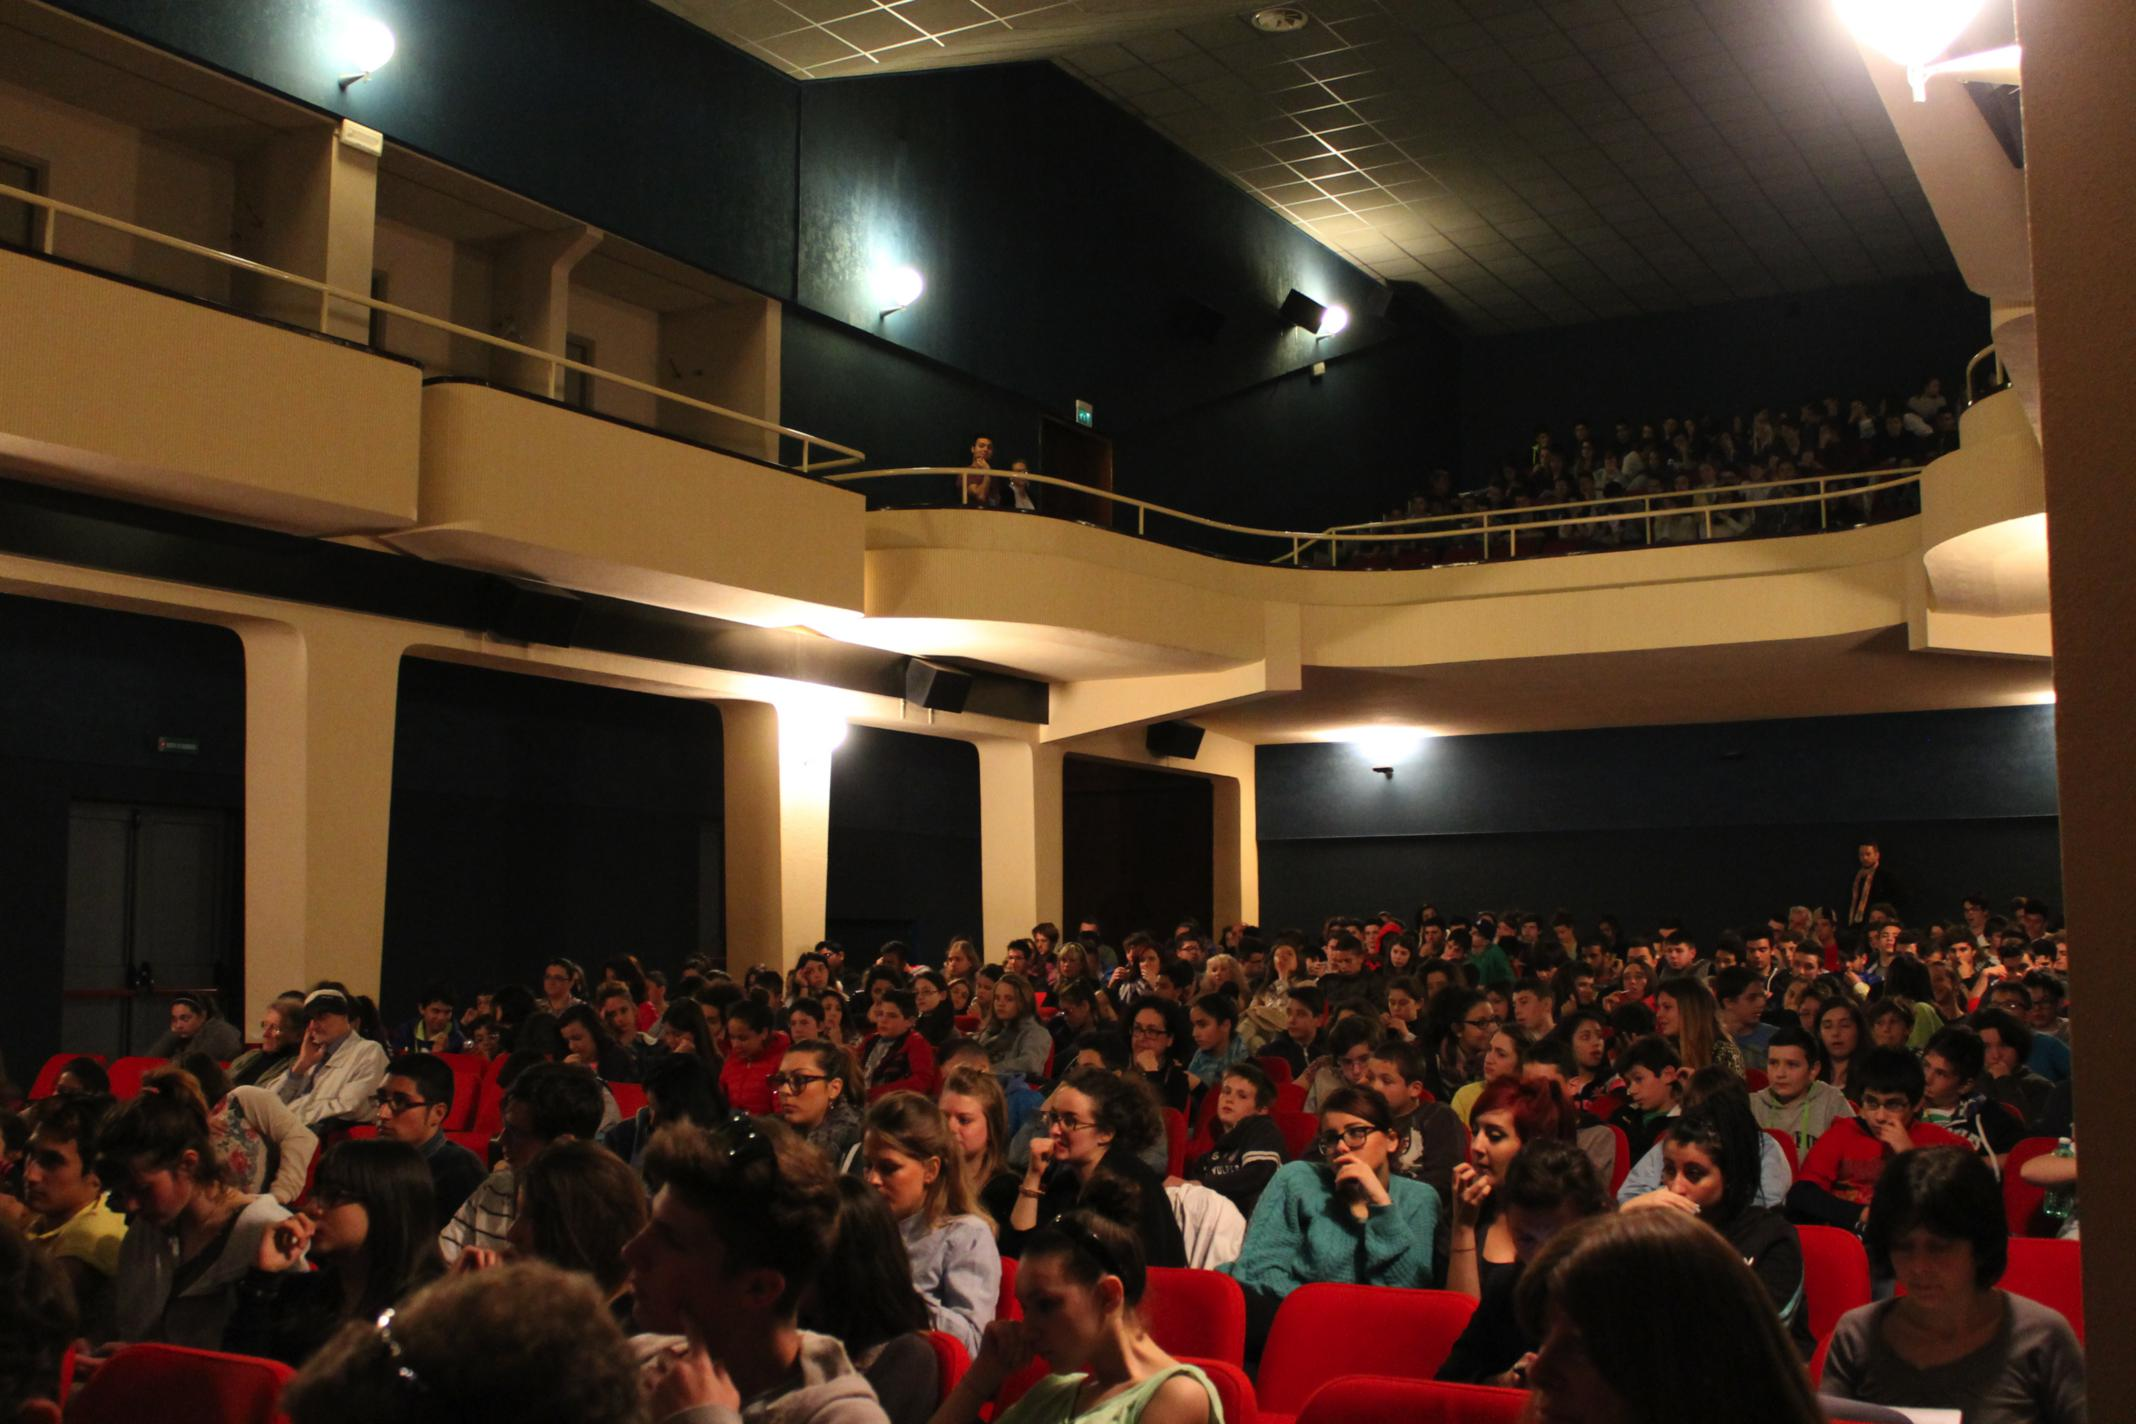 Iniziati i preparativi per la XXXIII edizione del Valdarno Cinema Fedic  2015